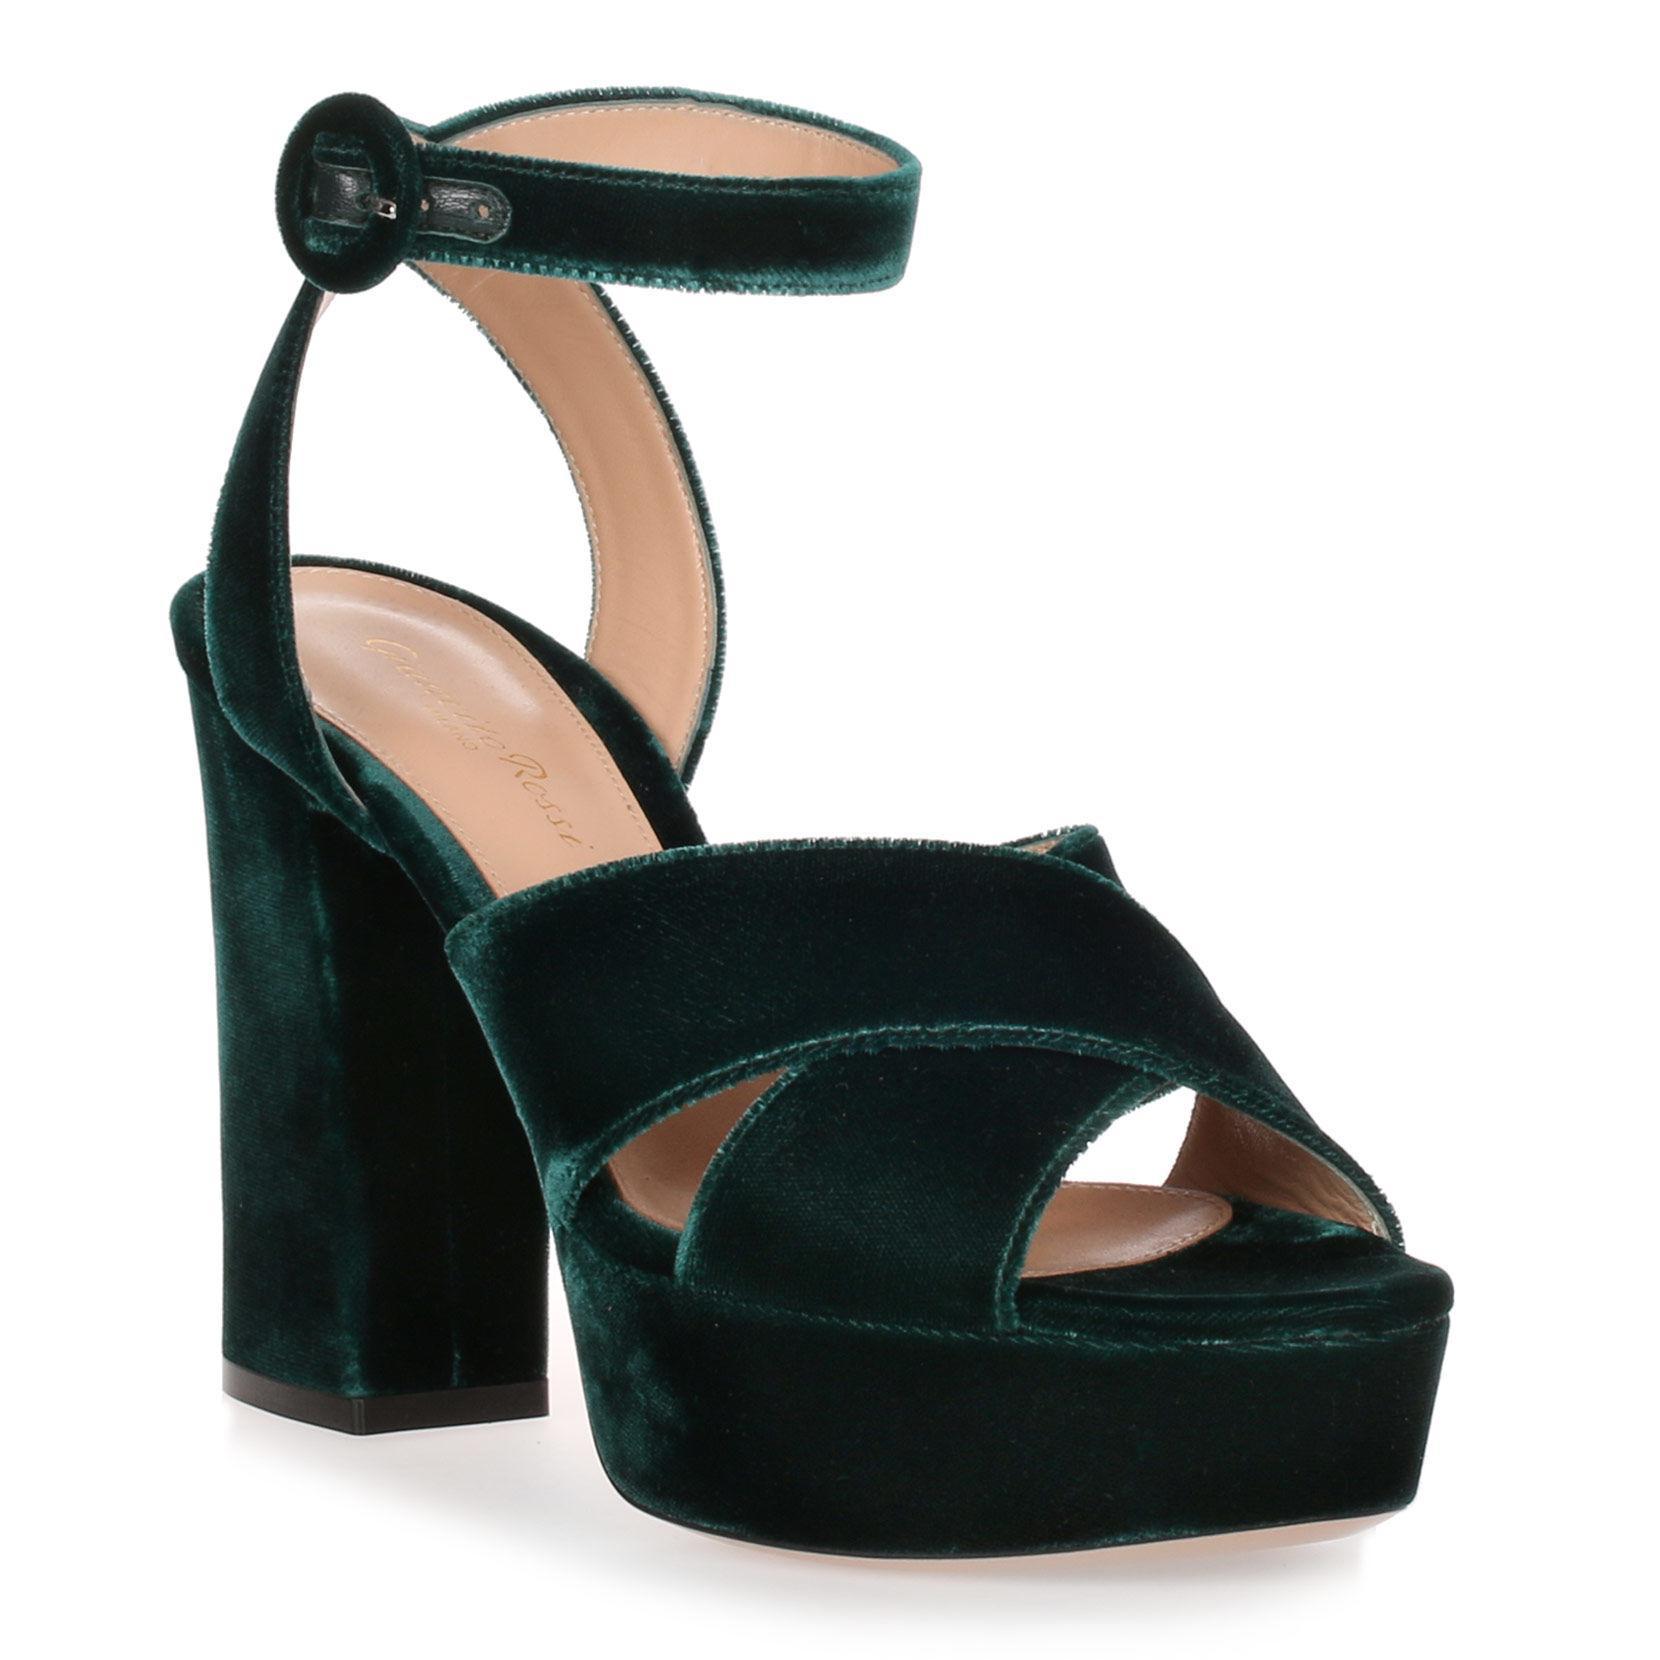 40718bcdd7d04 Gianvito Rossi. Women s Roxy Hunter Green Velvet Sandal. From  775.00   387.50